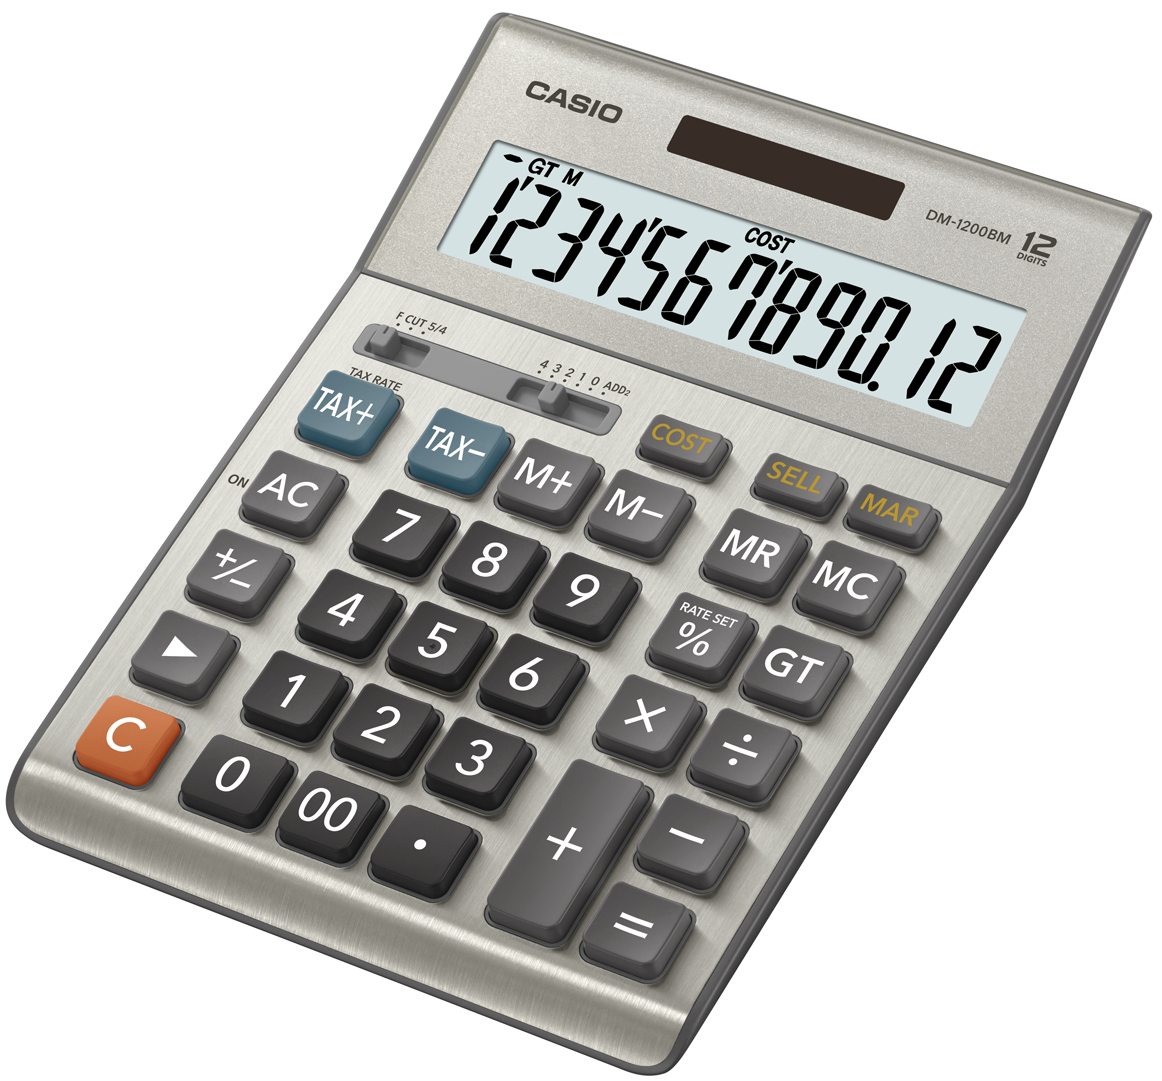 Инструкция калькулятор canon f 502 скачать бесплатно